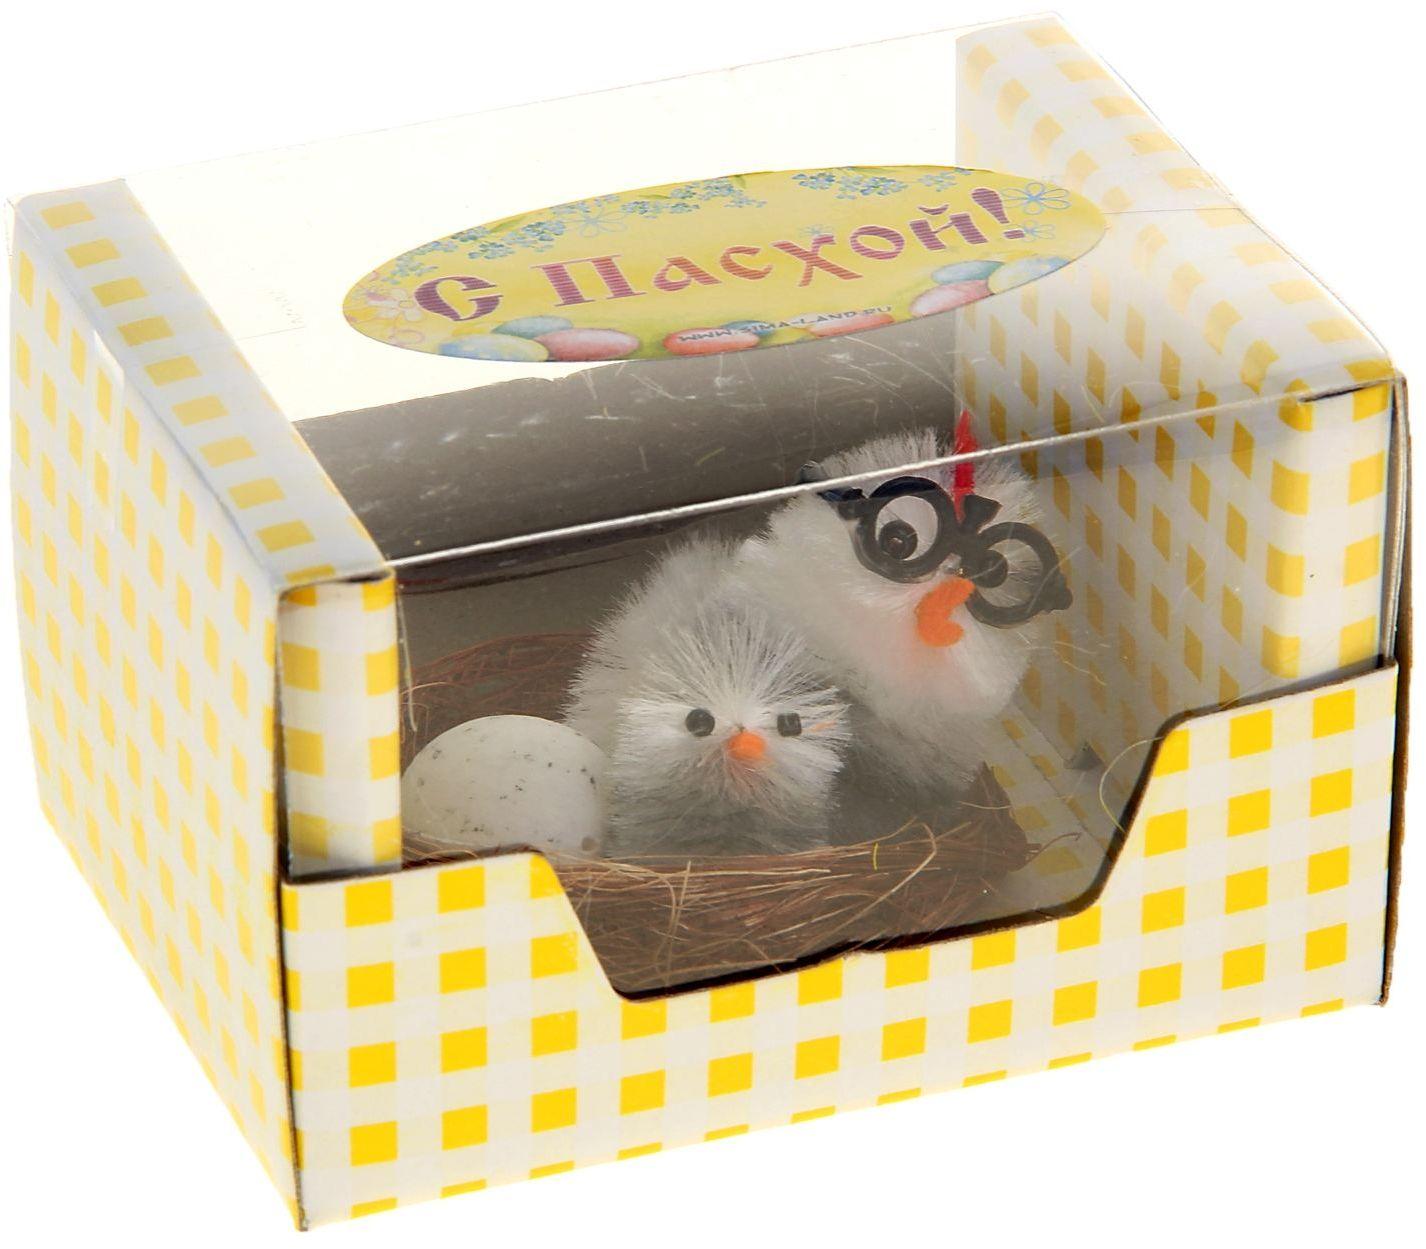 Сувенир пасхальный Sima-land Цыпа в очках с цыпленком и яйцом41619Дарить подарки на Пасху – это такая же традиция, как красить яйца и выпекать куличи. Презенты вдвойне приятнее, если они несут в себе сакральный смысл и имеют какое-то значение.Сувенир Цыпа в очках с цыпленком и яйцом - это символ возрождения и непрерывности жизни. С его помощью вы сможете украсить жилище, преподнести его близкому человеку или использовать при сервировке стола всю пасхальную неделю. Кроме того, пасхальные цыплята нравятся маленьким деткам.